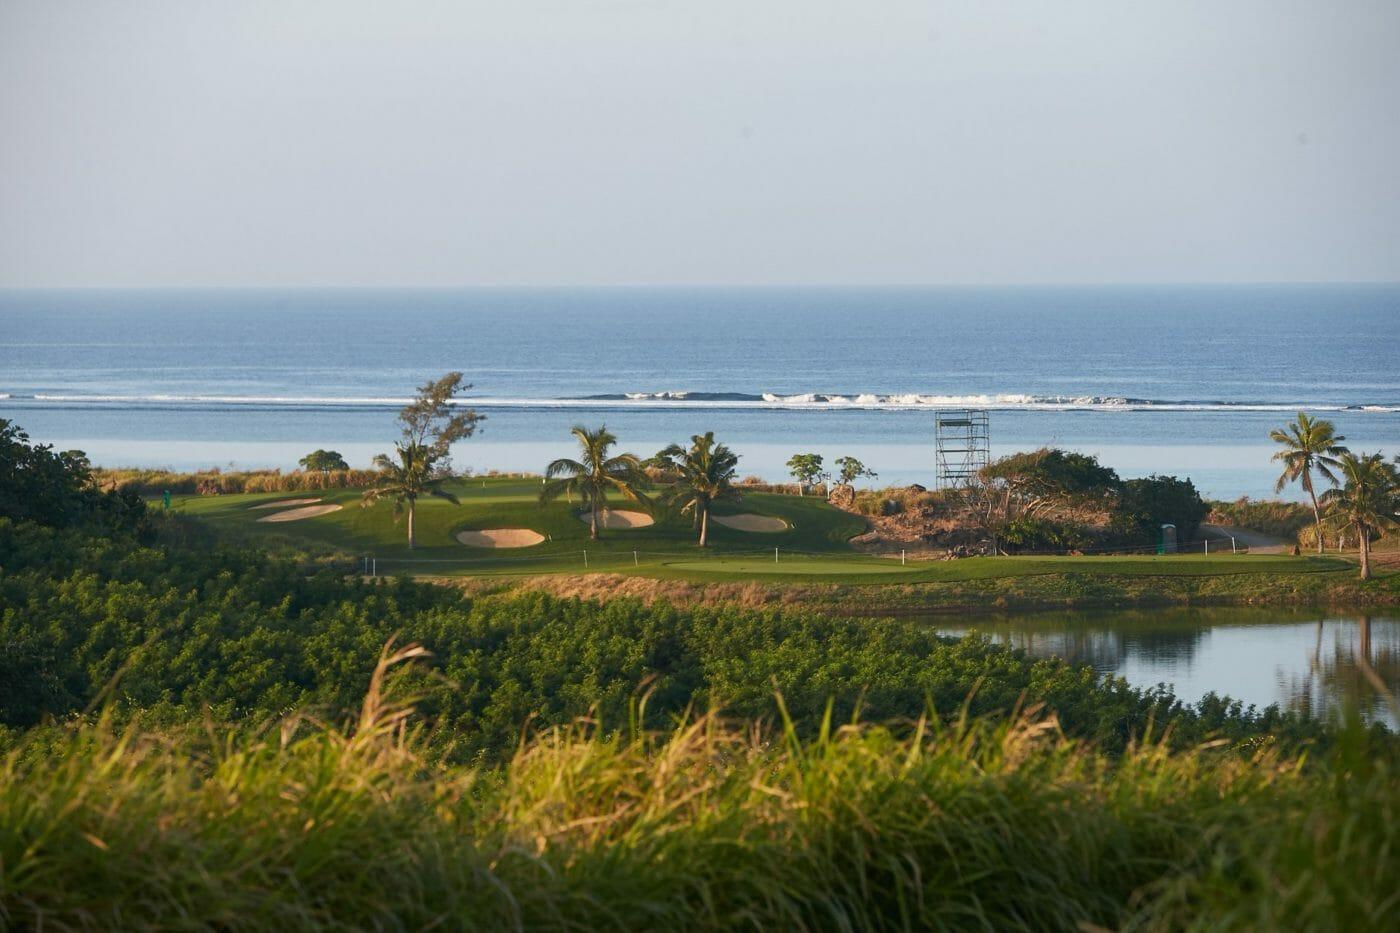 Pacific Ocean backdrop from Natadola Bay Golf Course